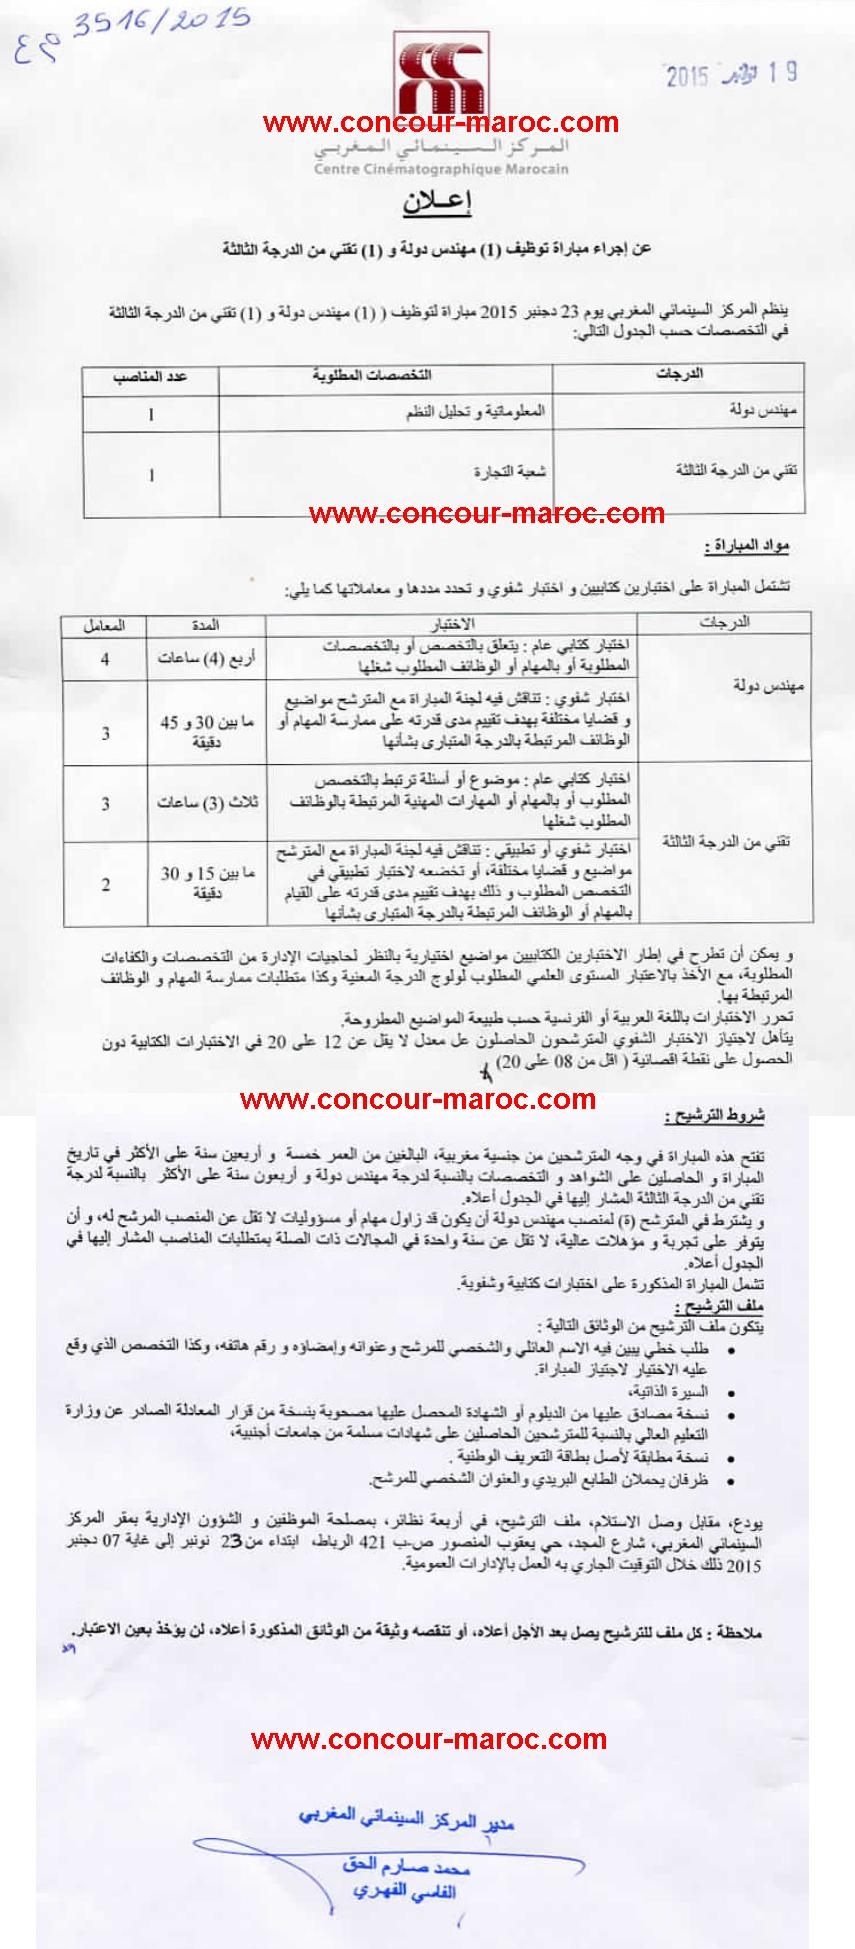 المركز السينمائي المغربي : مباراة لتوظيف مهندس دولة (1 منصب) و تقني من الدرجة الثالثة (1منصب) آخر أجل لإيداع الترشيحات 7 دجنبر 2015 Concou26